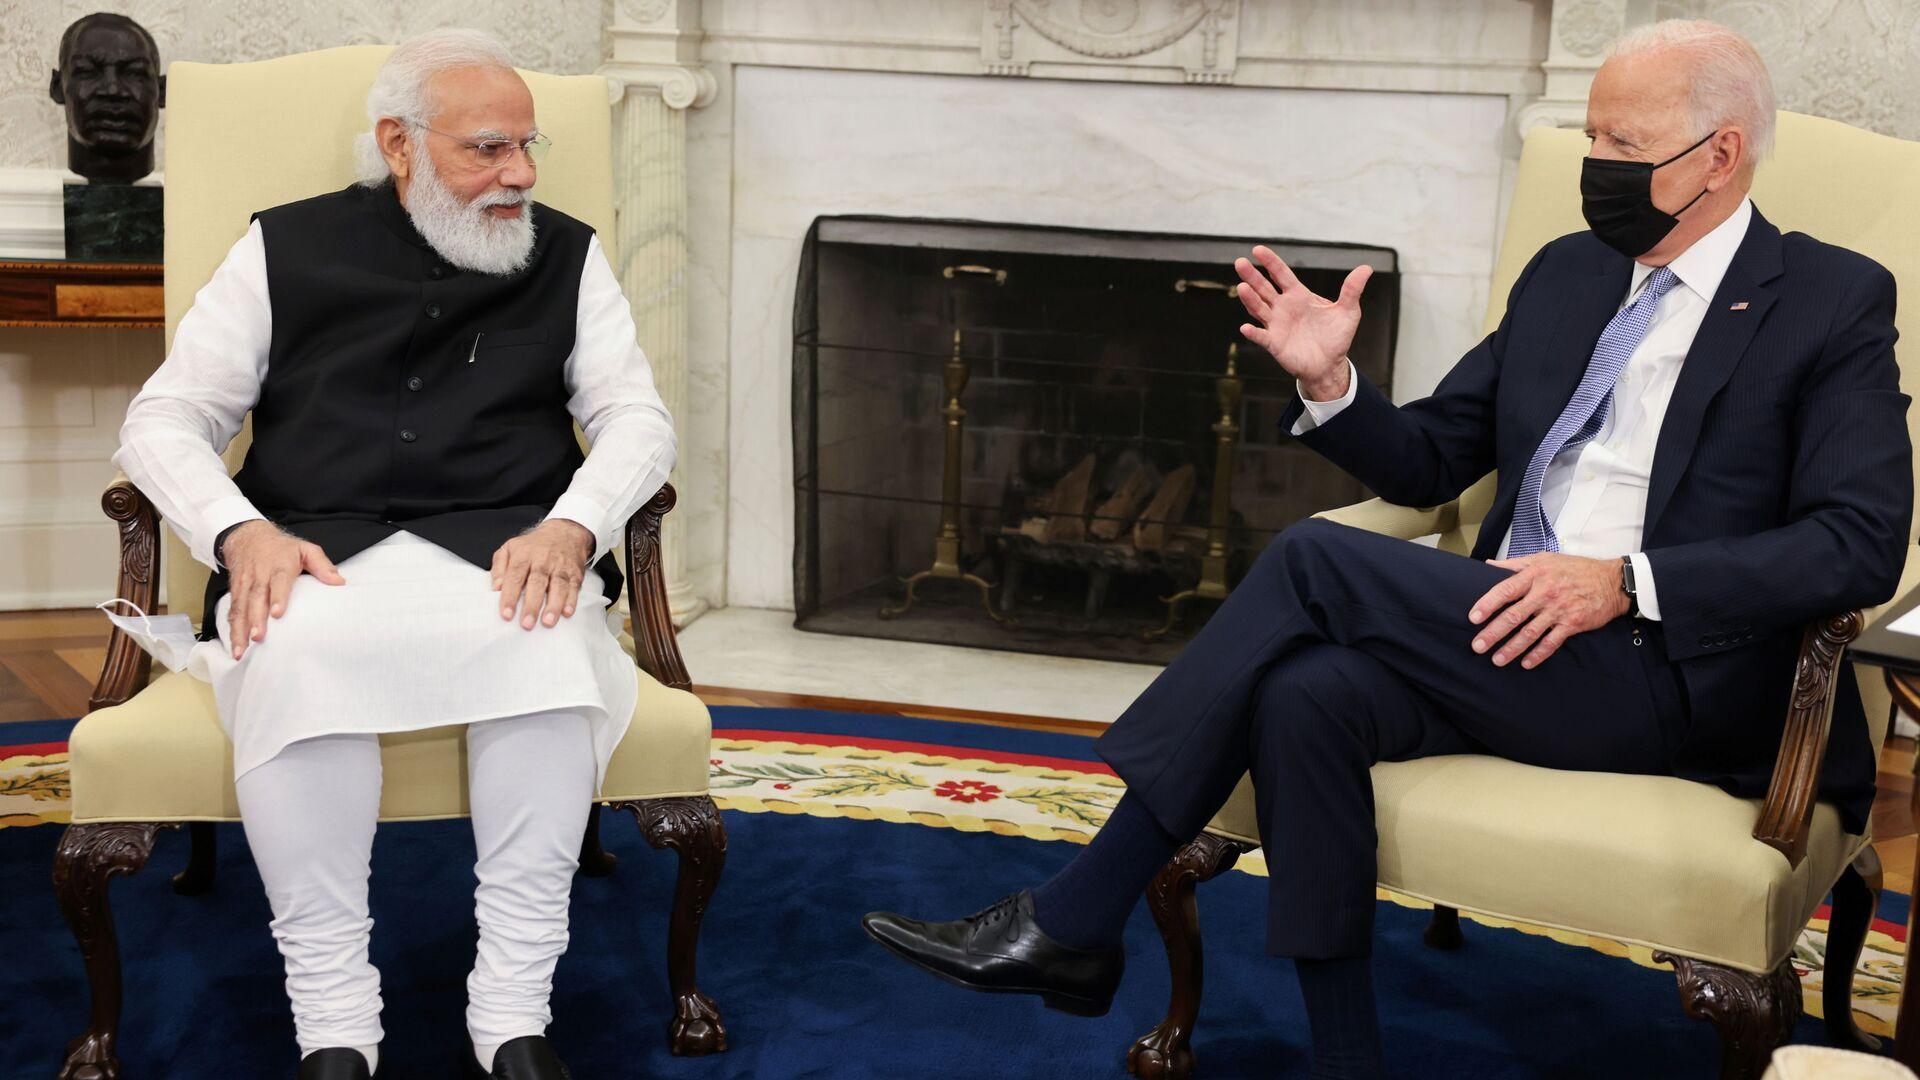 Il primo ministro indiano Narendra Modi ricevuto dal presidente americano Joe Biden nello Studio Ovale della Casa Bianca - Sputnik Italia, 1920, 09.10.2021